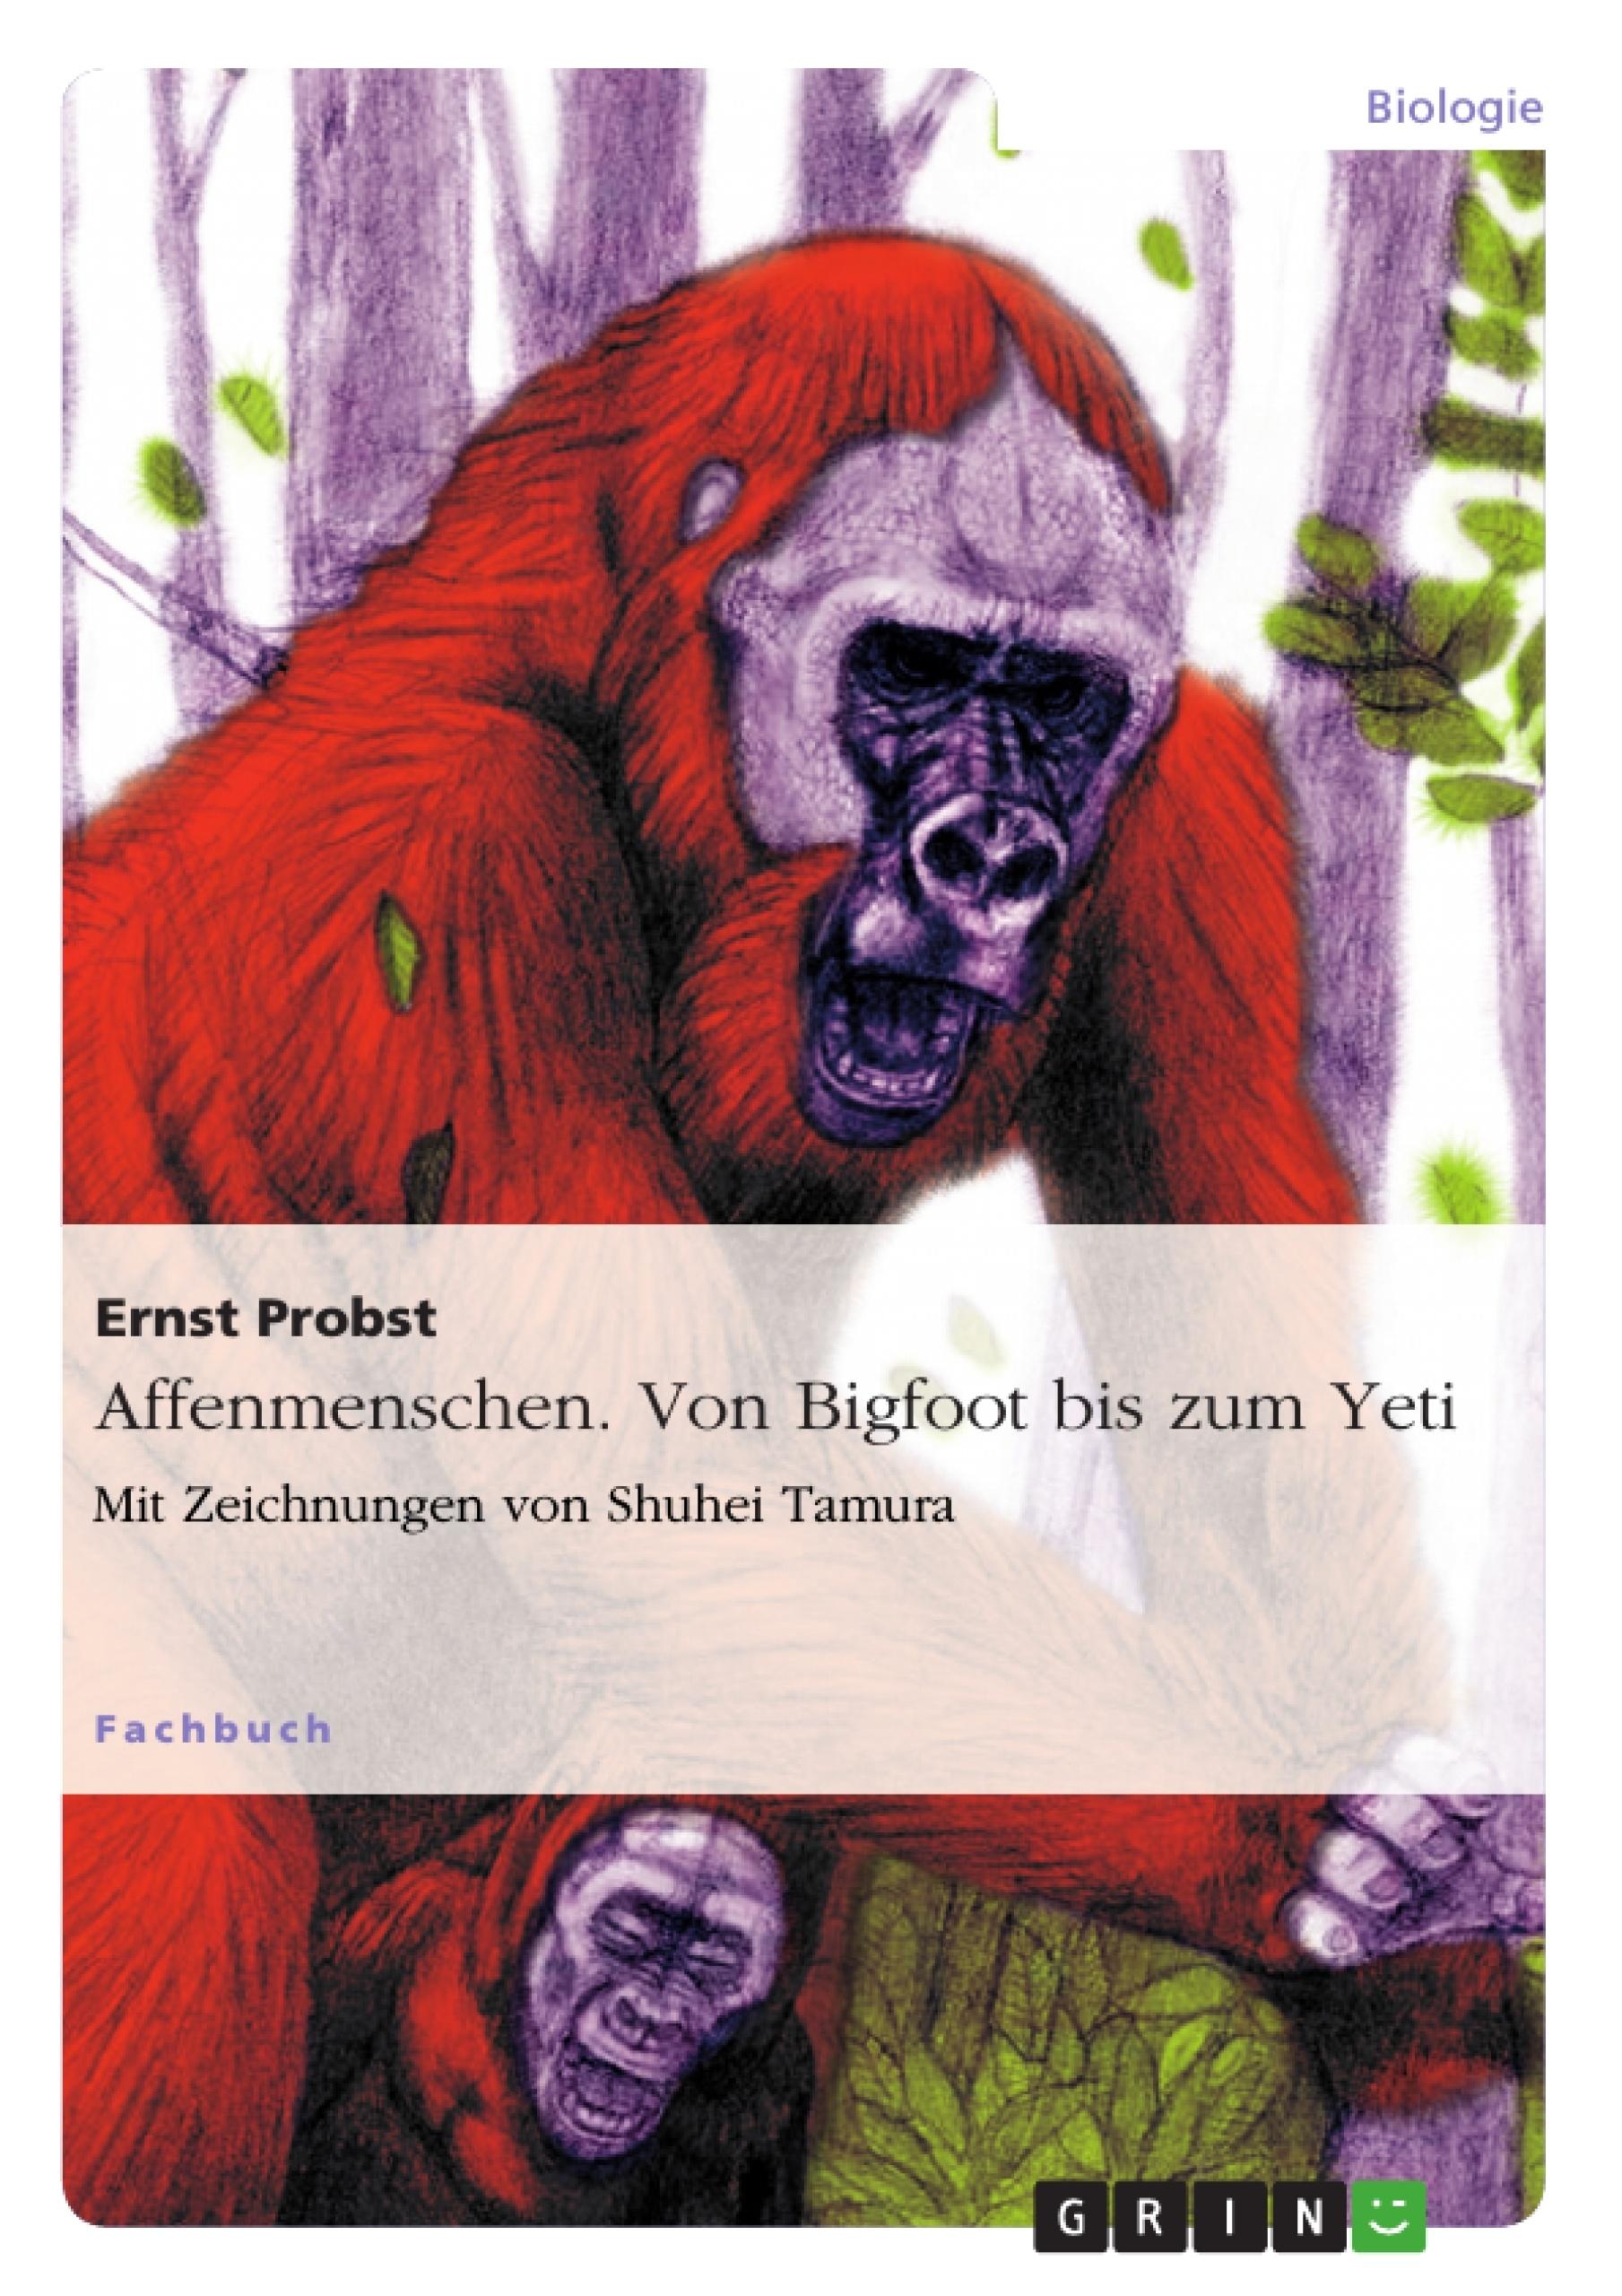 Titel: Affenmenschen. Von Bigfoot bis zum Yeti